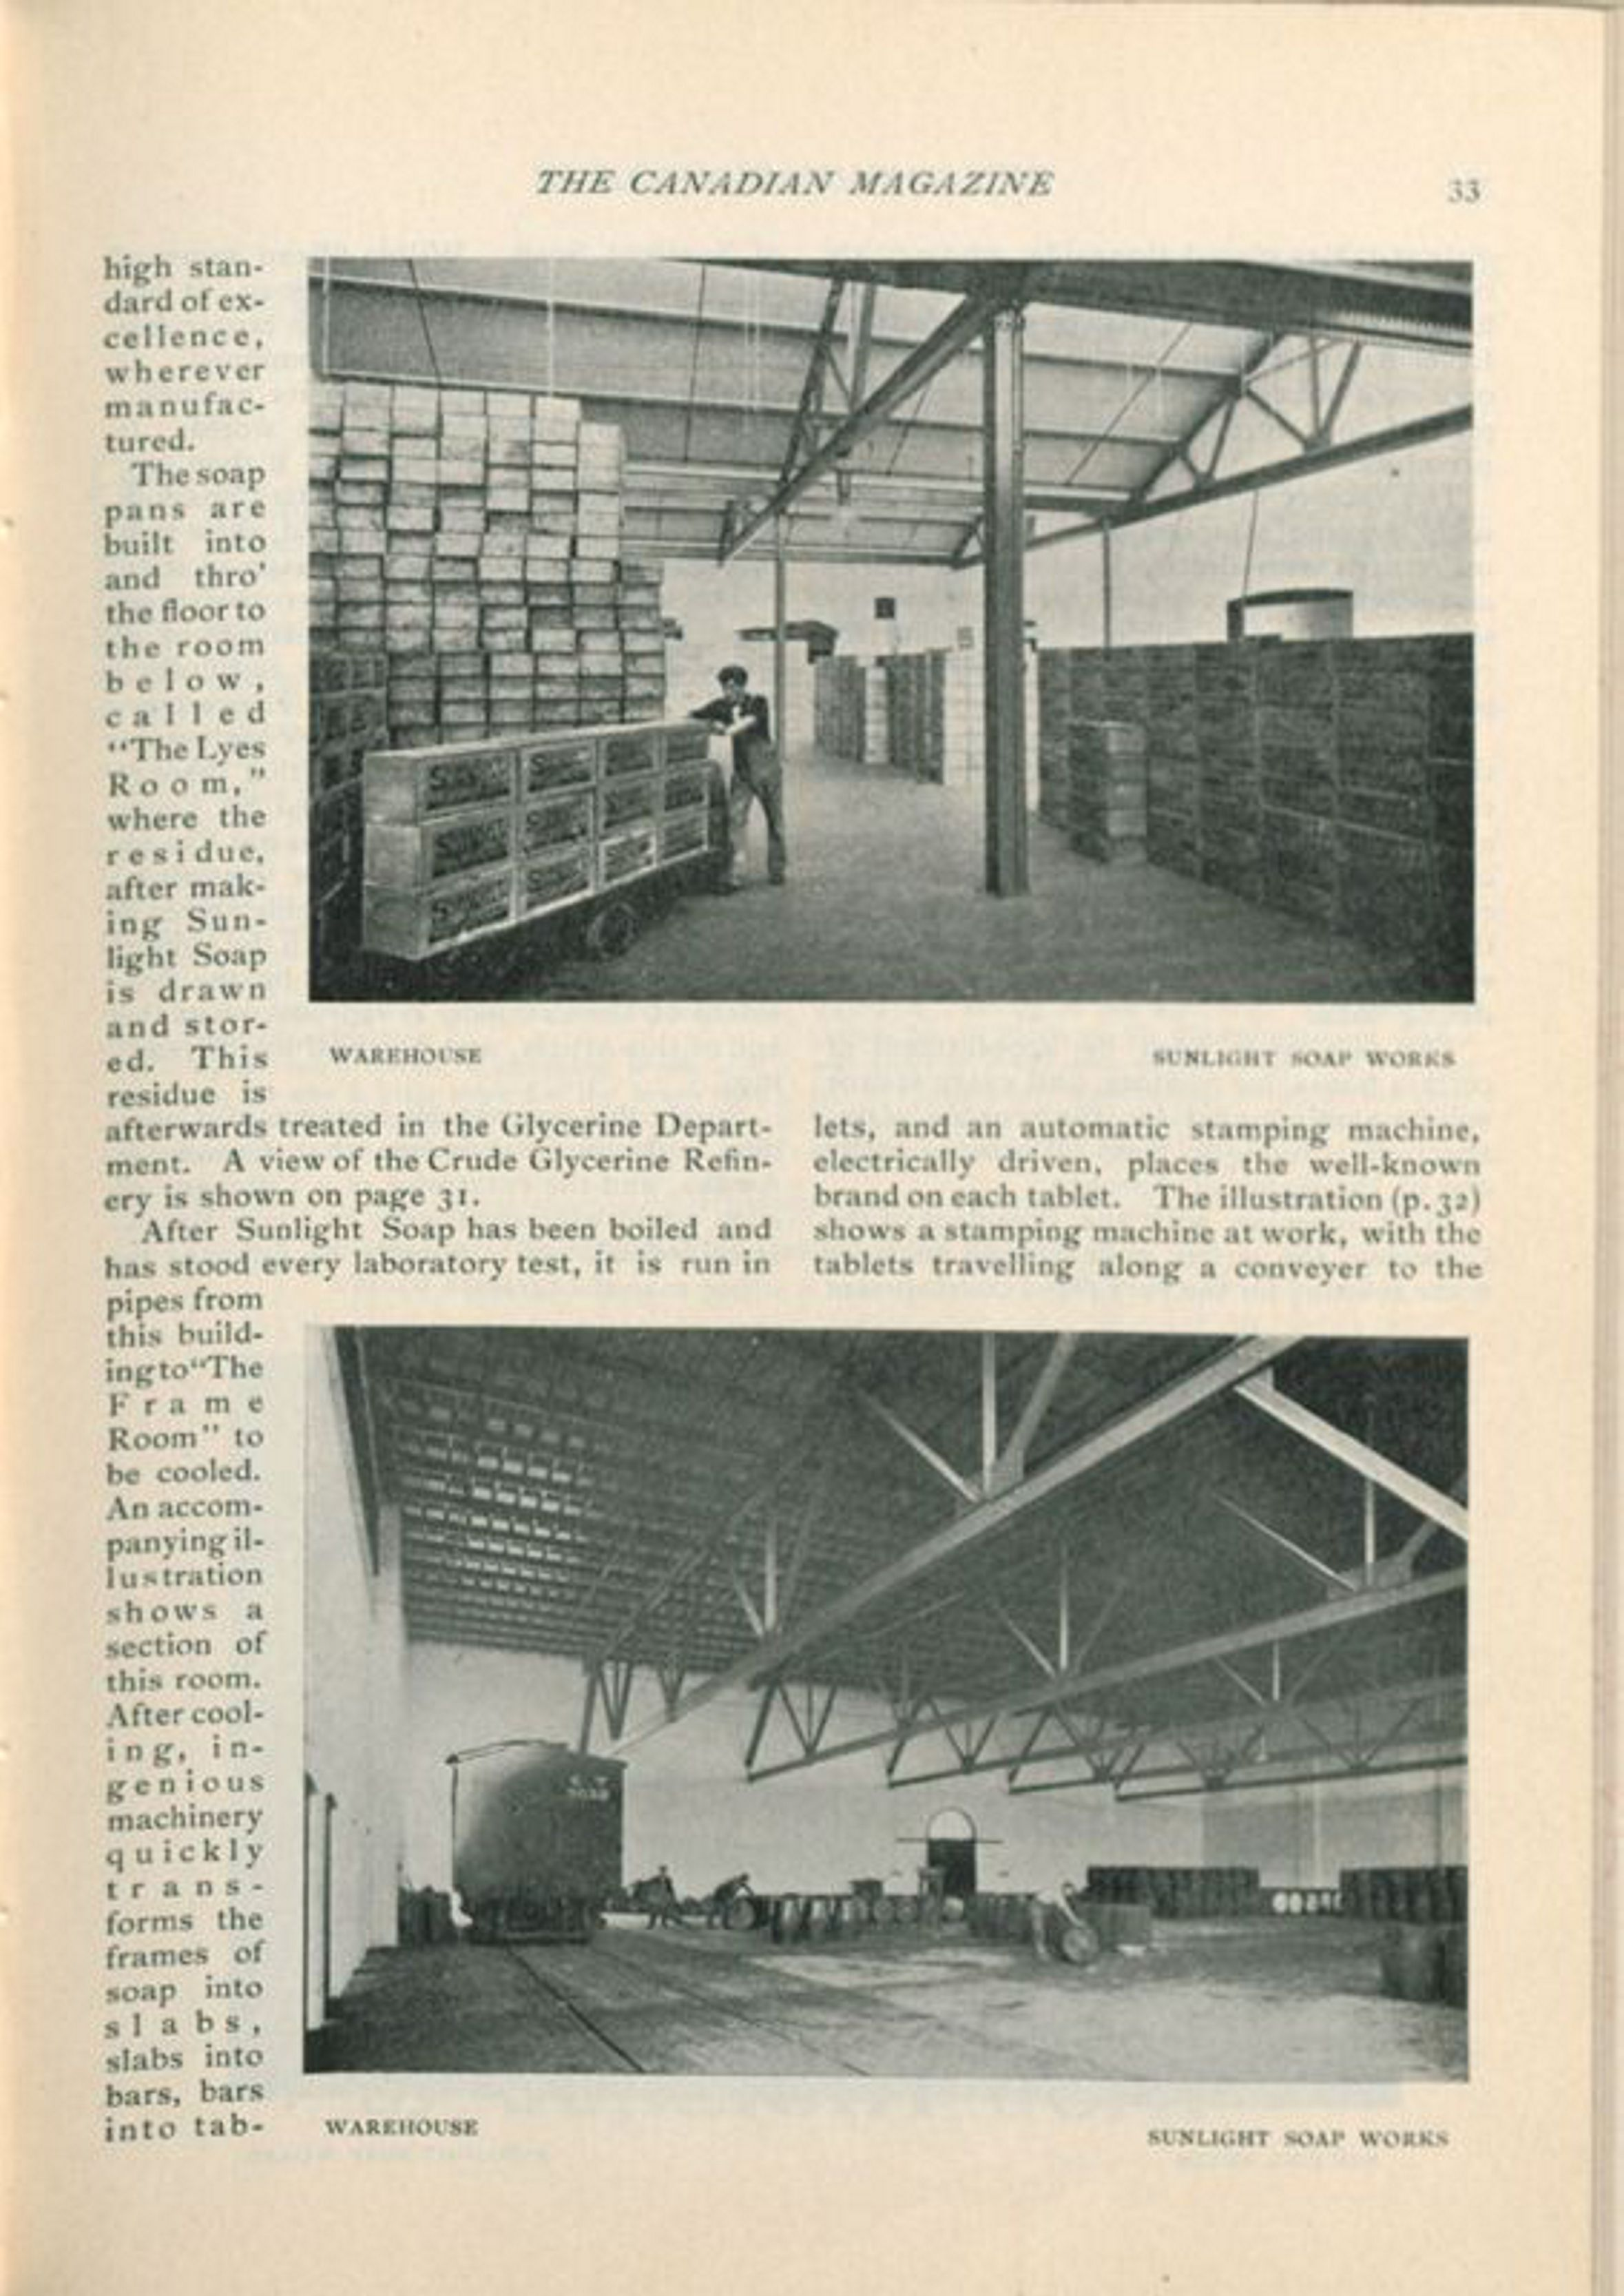 19011200 The Canadian magazine Vol. 18, no. 2 (Dec. 1901) 33